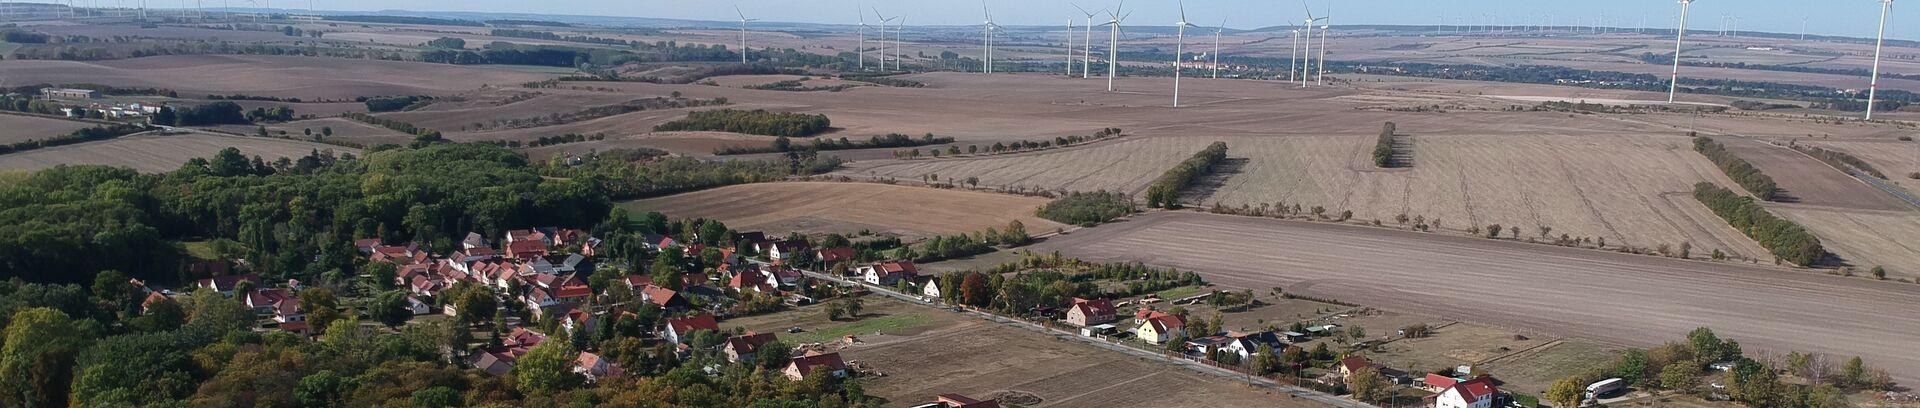 Gemeinde Gangloffsömmern OT Schilfa